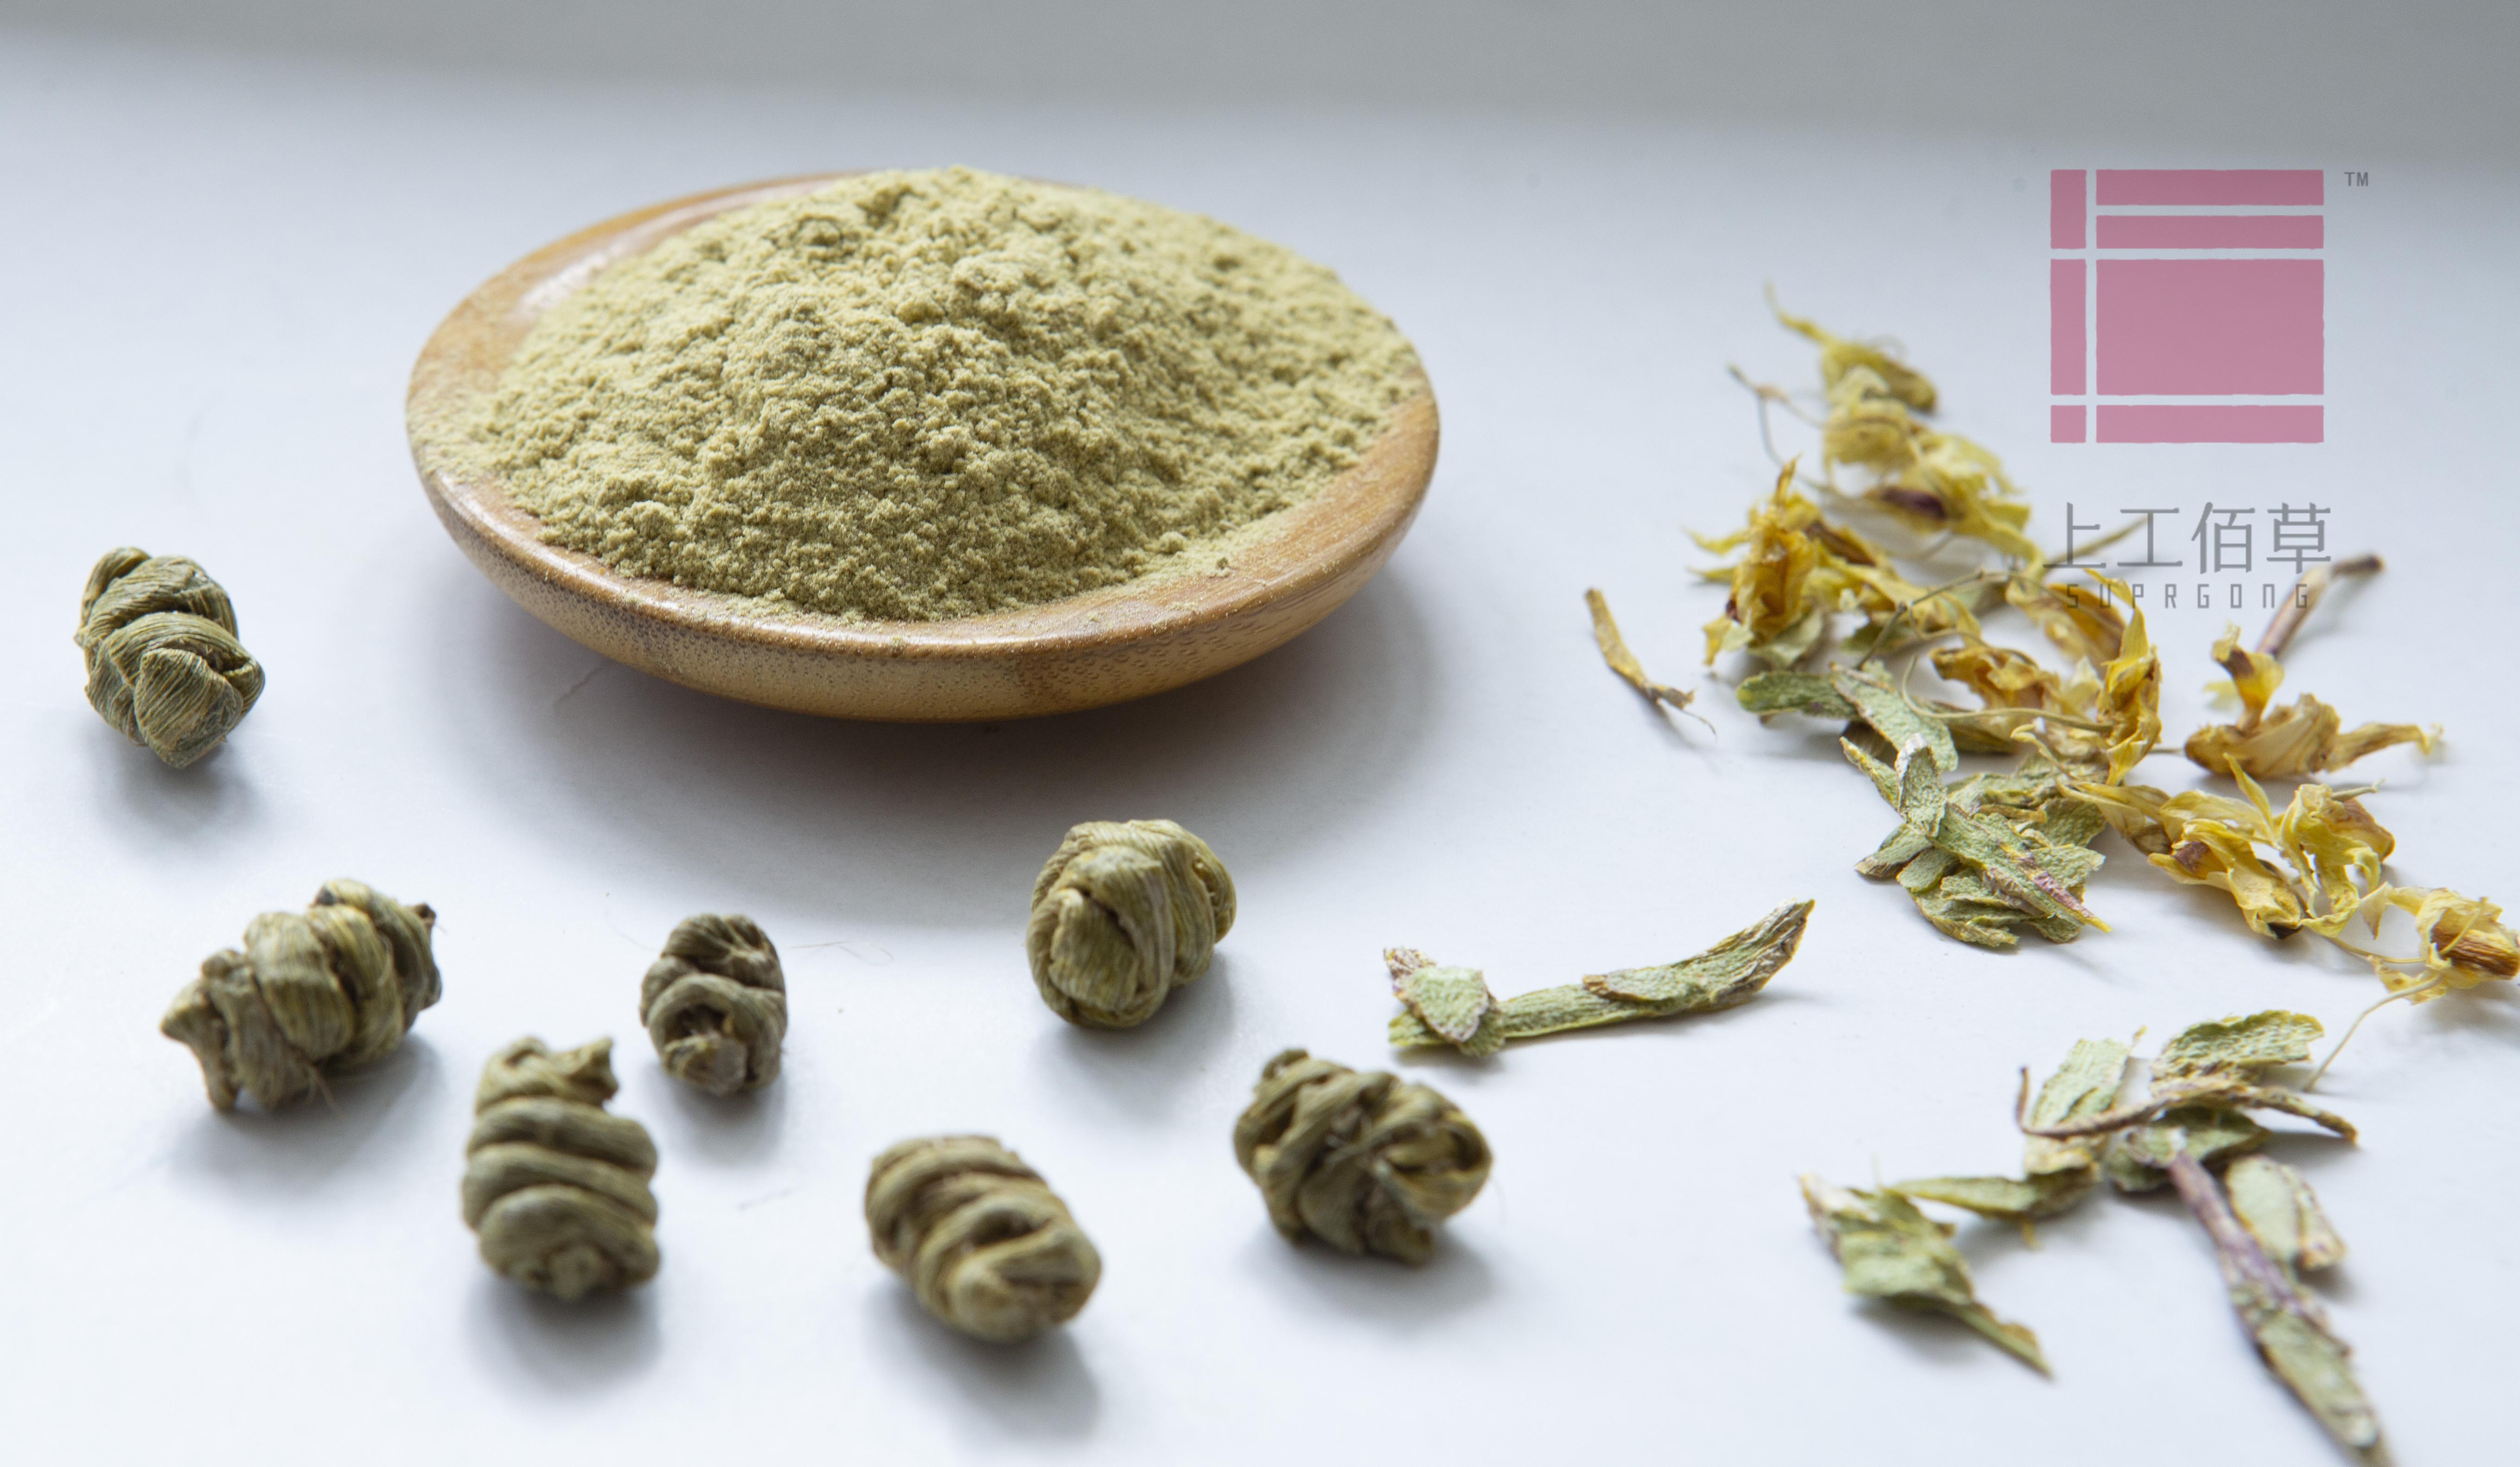 上工佰草铁皮石斛:钟冬季的健康产业情怀